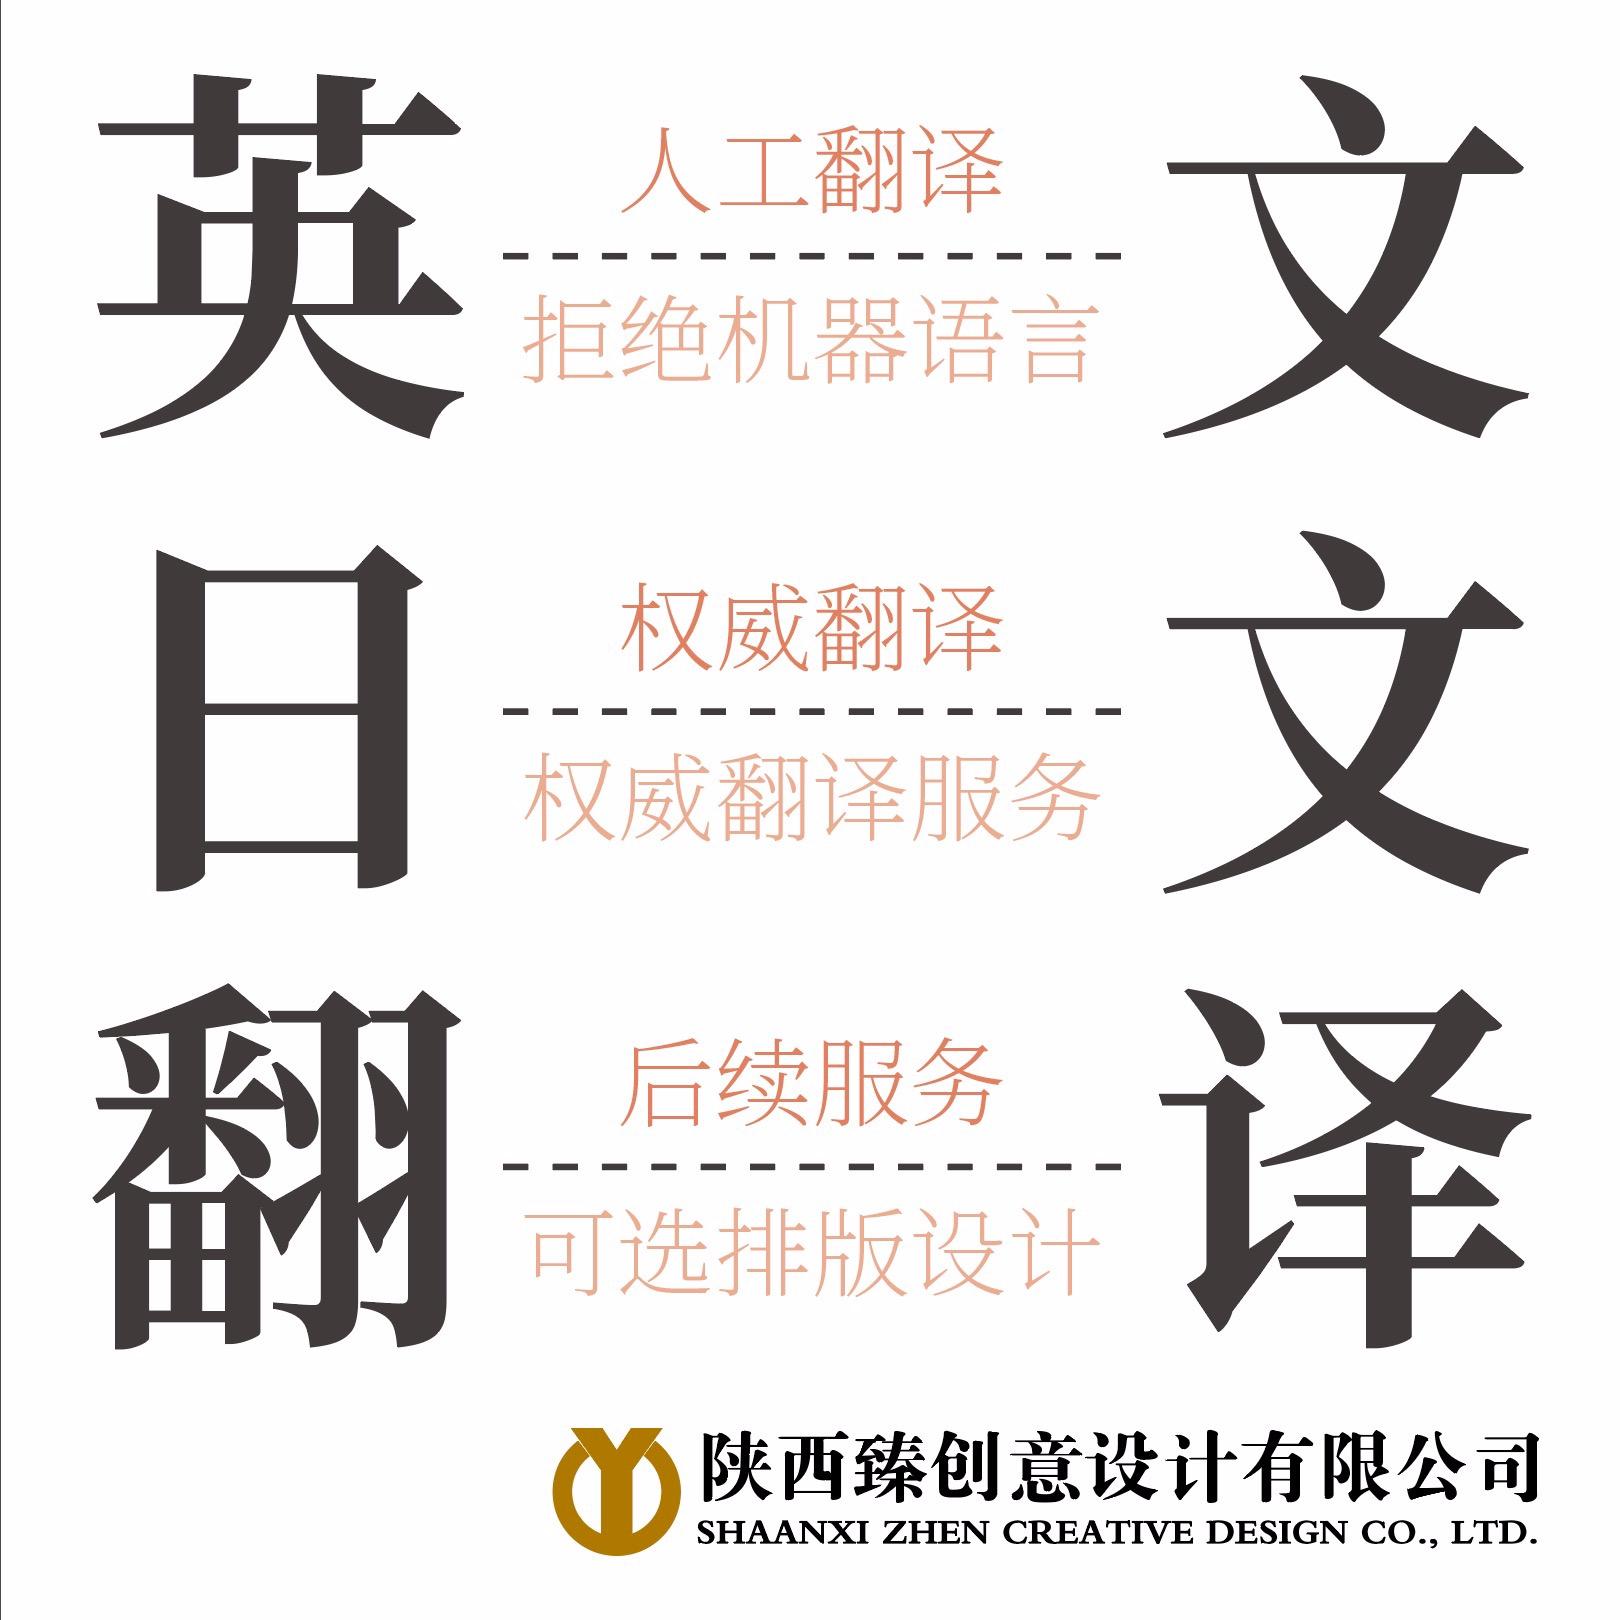 书籍英语翻译-日语翻译-泰语翻译及设计排版